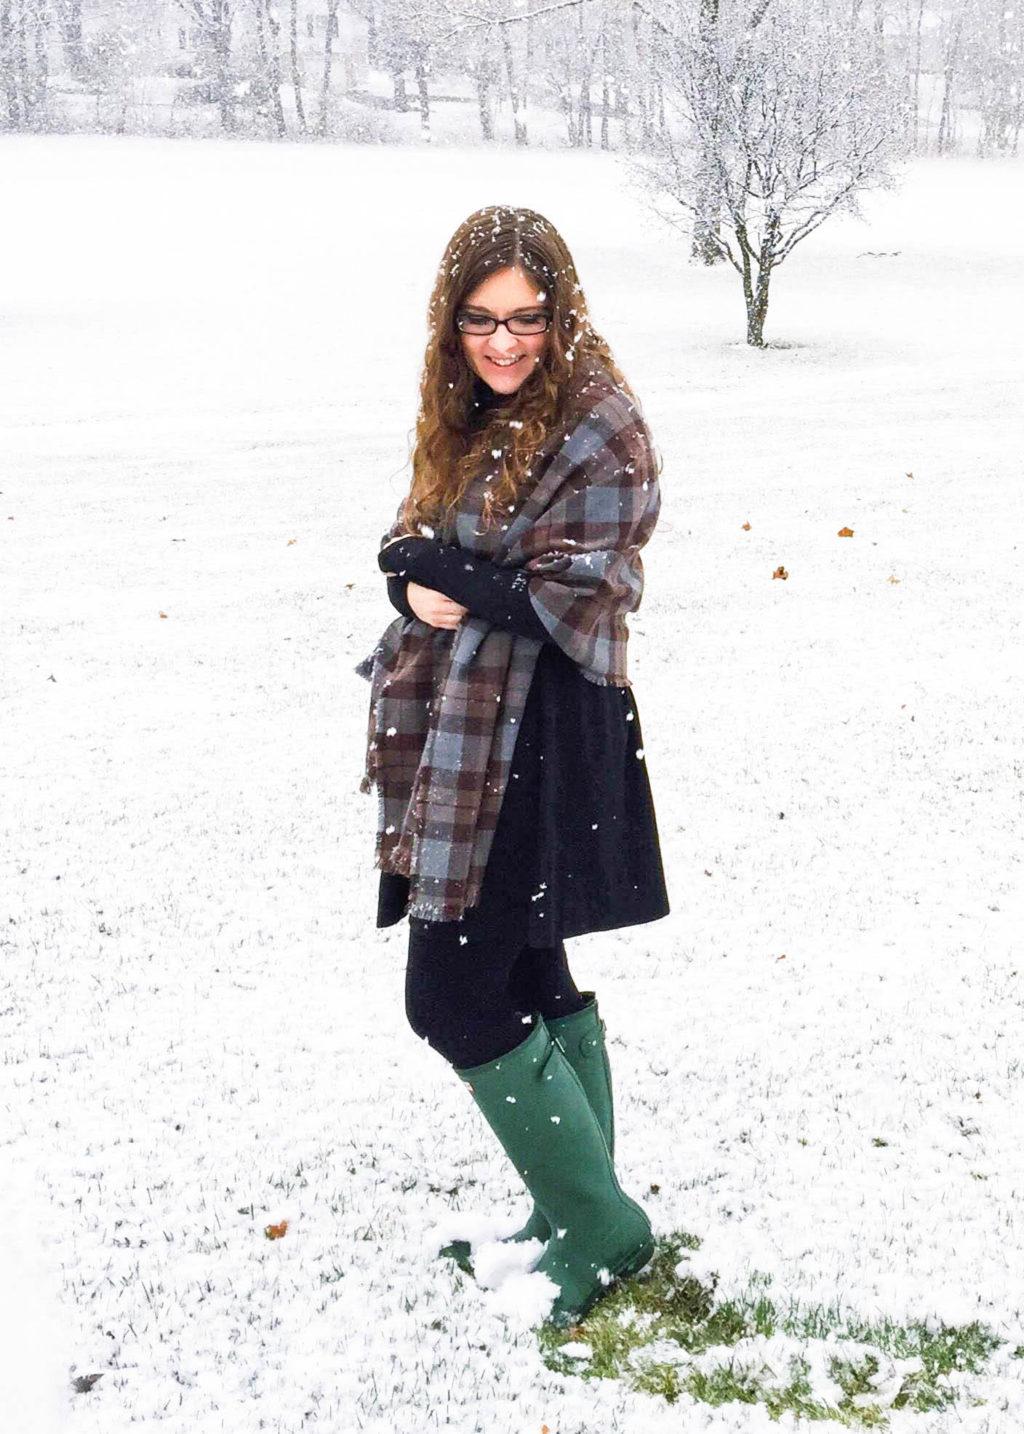 Fantastic winter wardrobe inspiration!